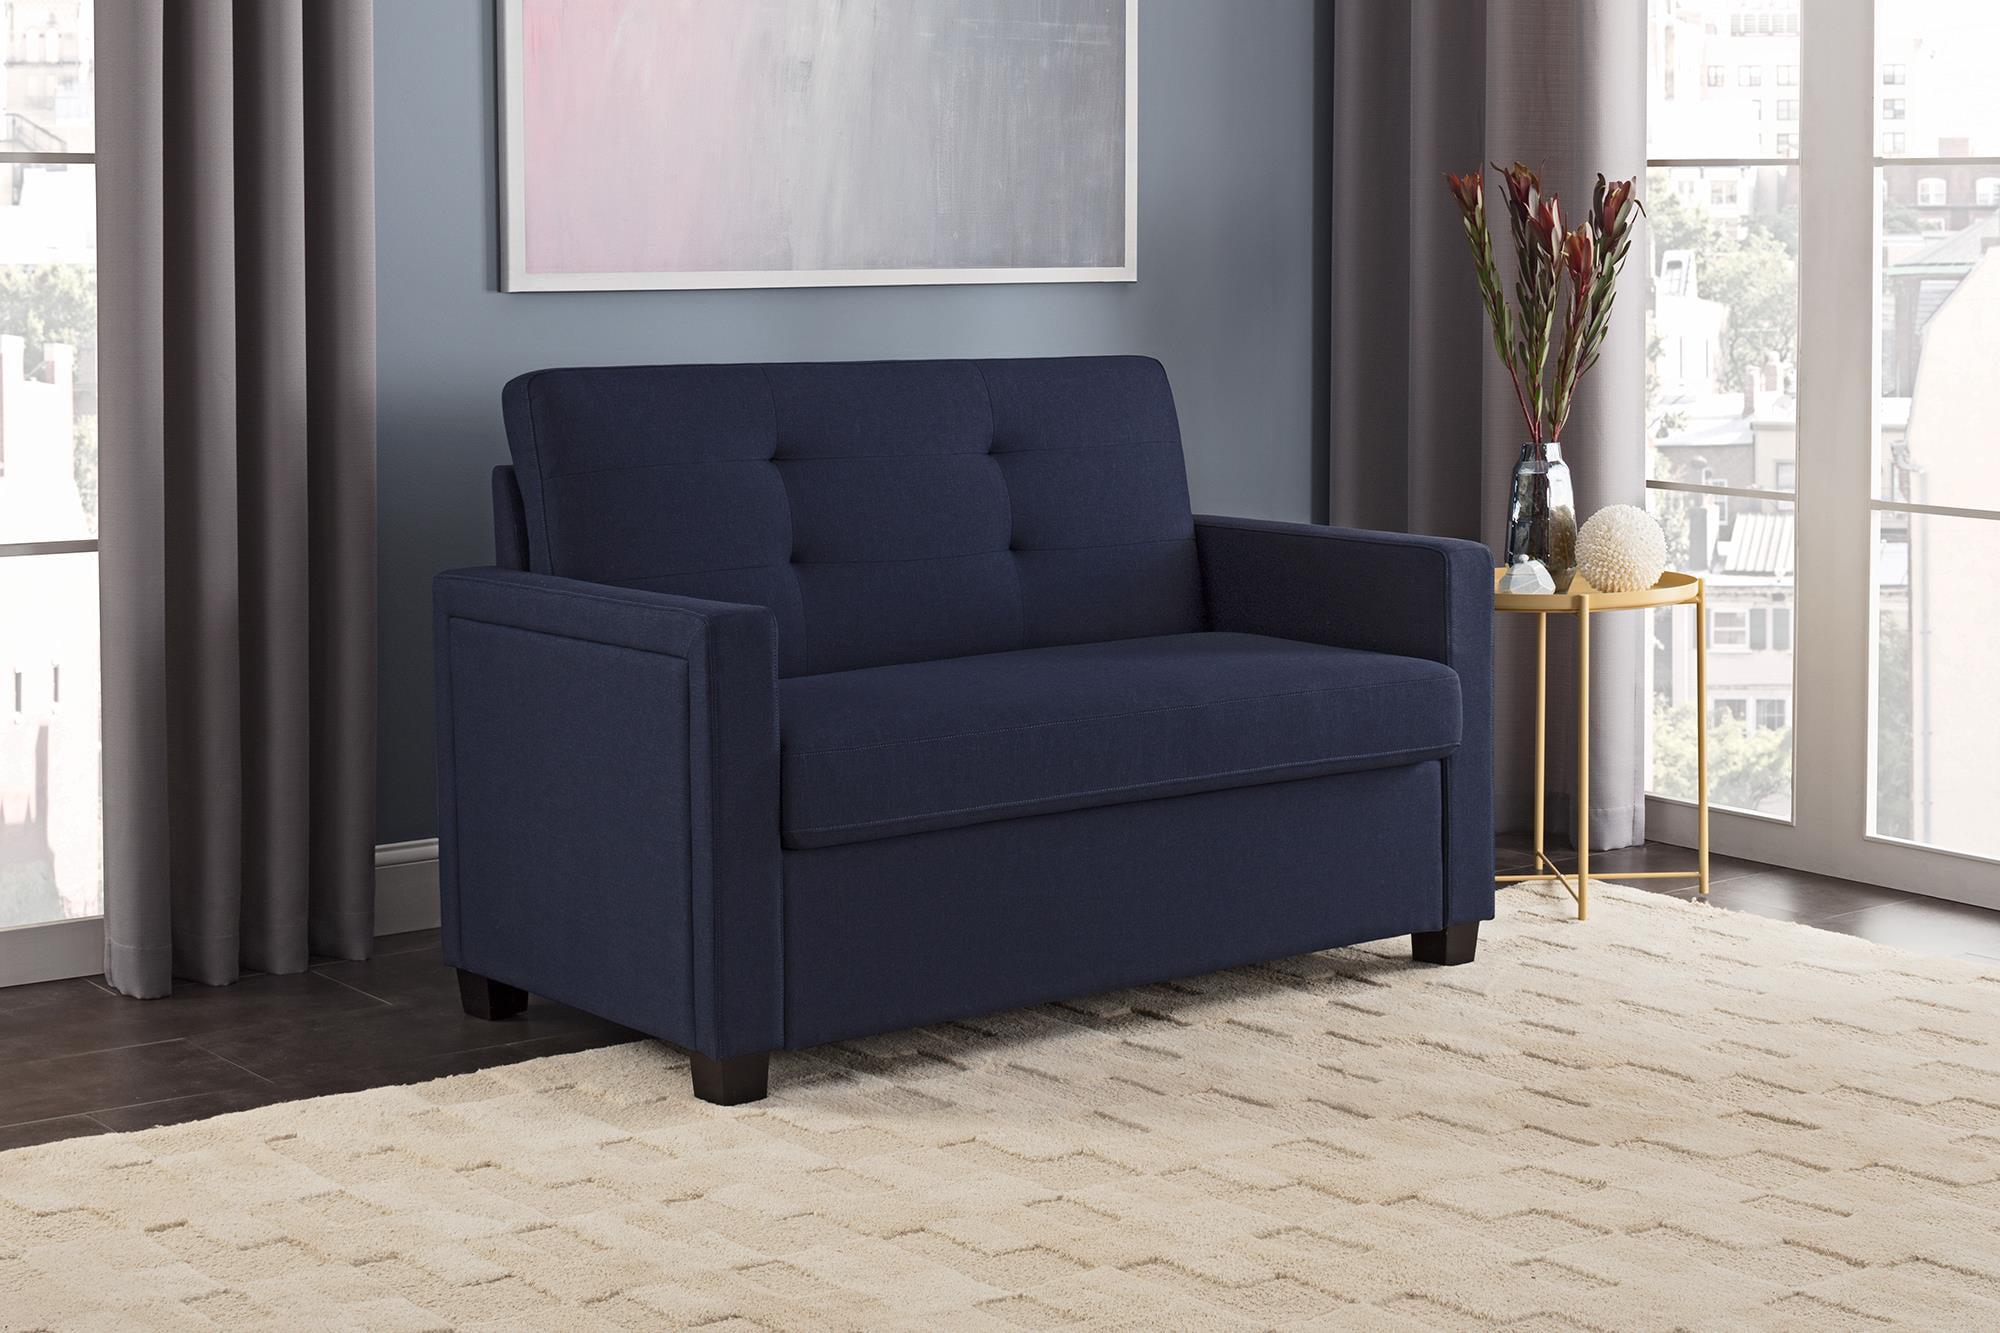 - Better Homes & Gardens Porter Loveseat Sleeper Sofa, Blue Linen